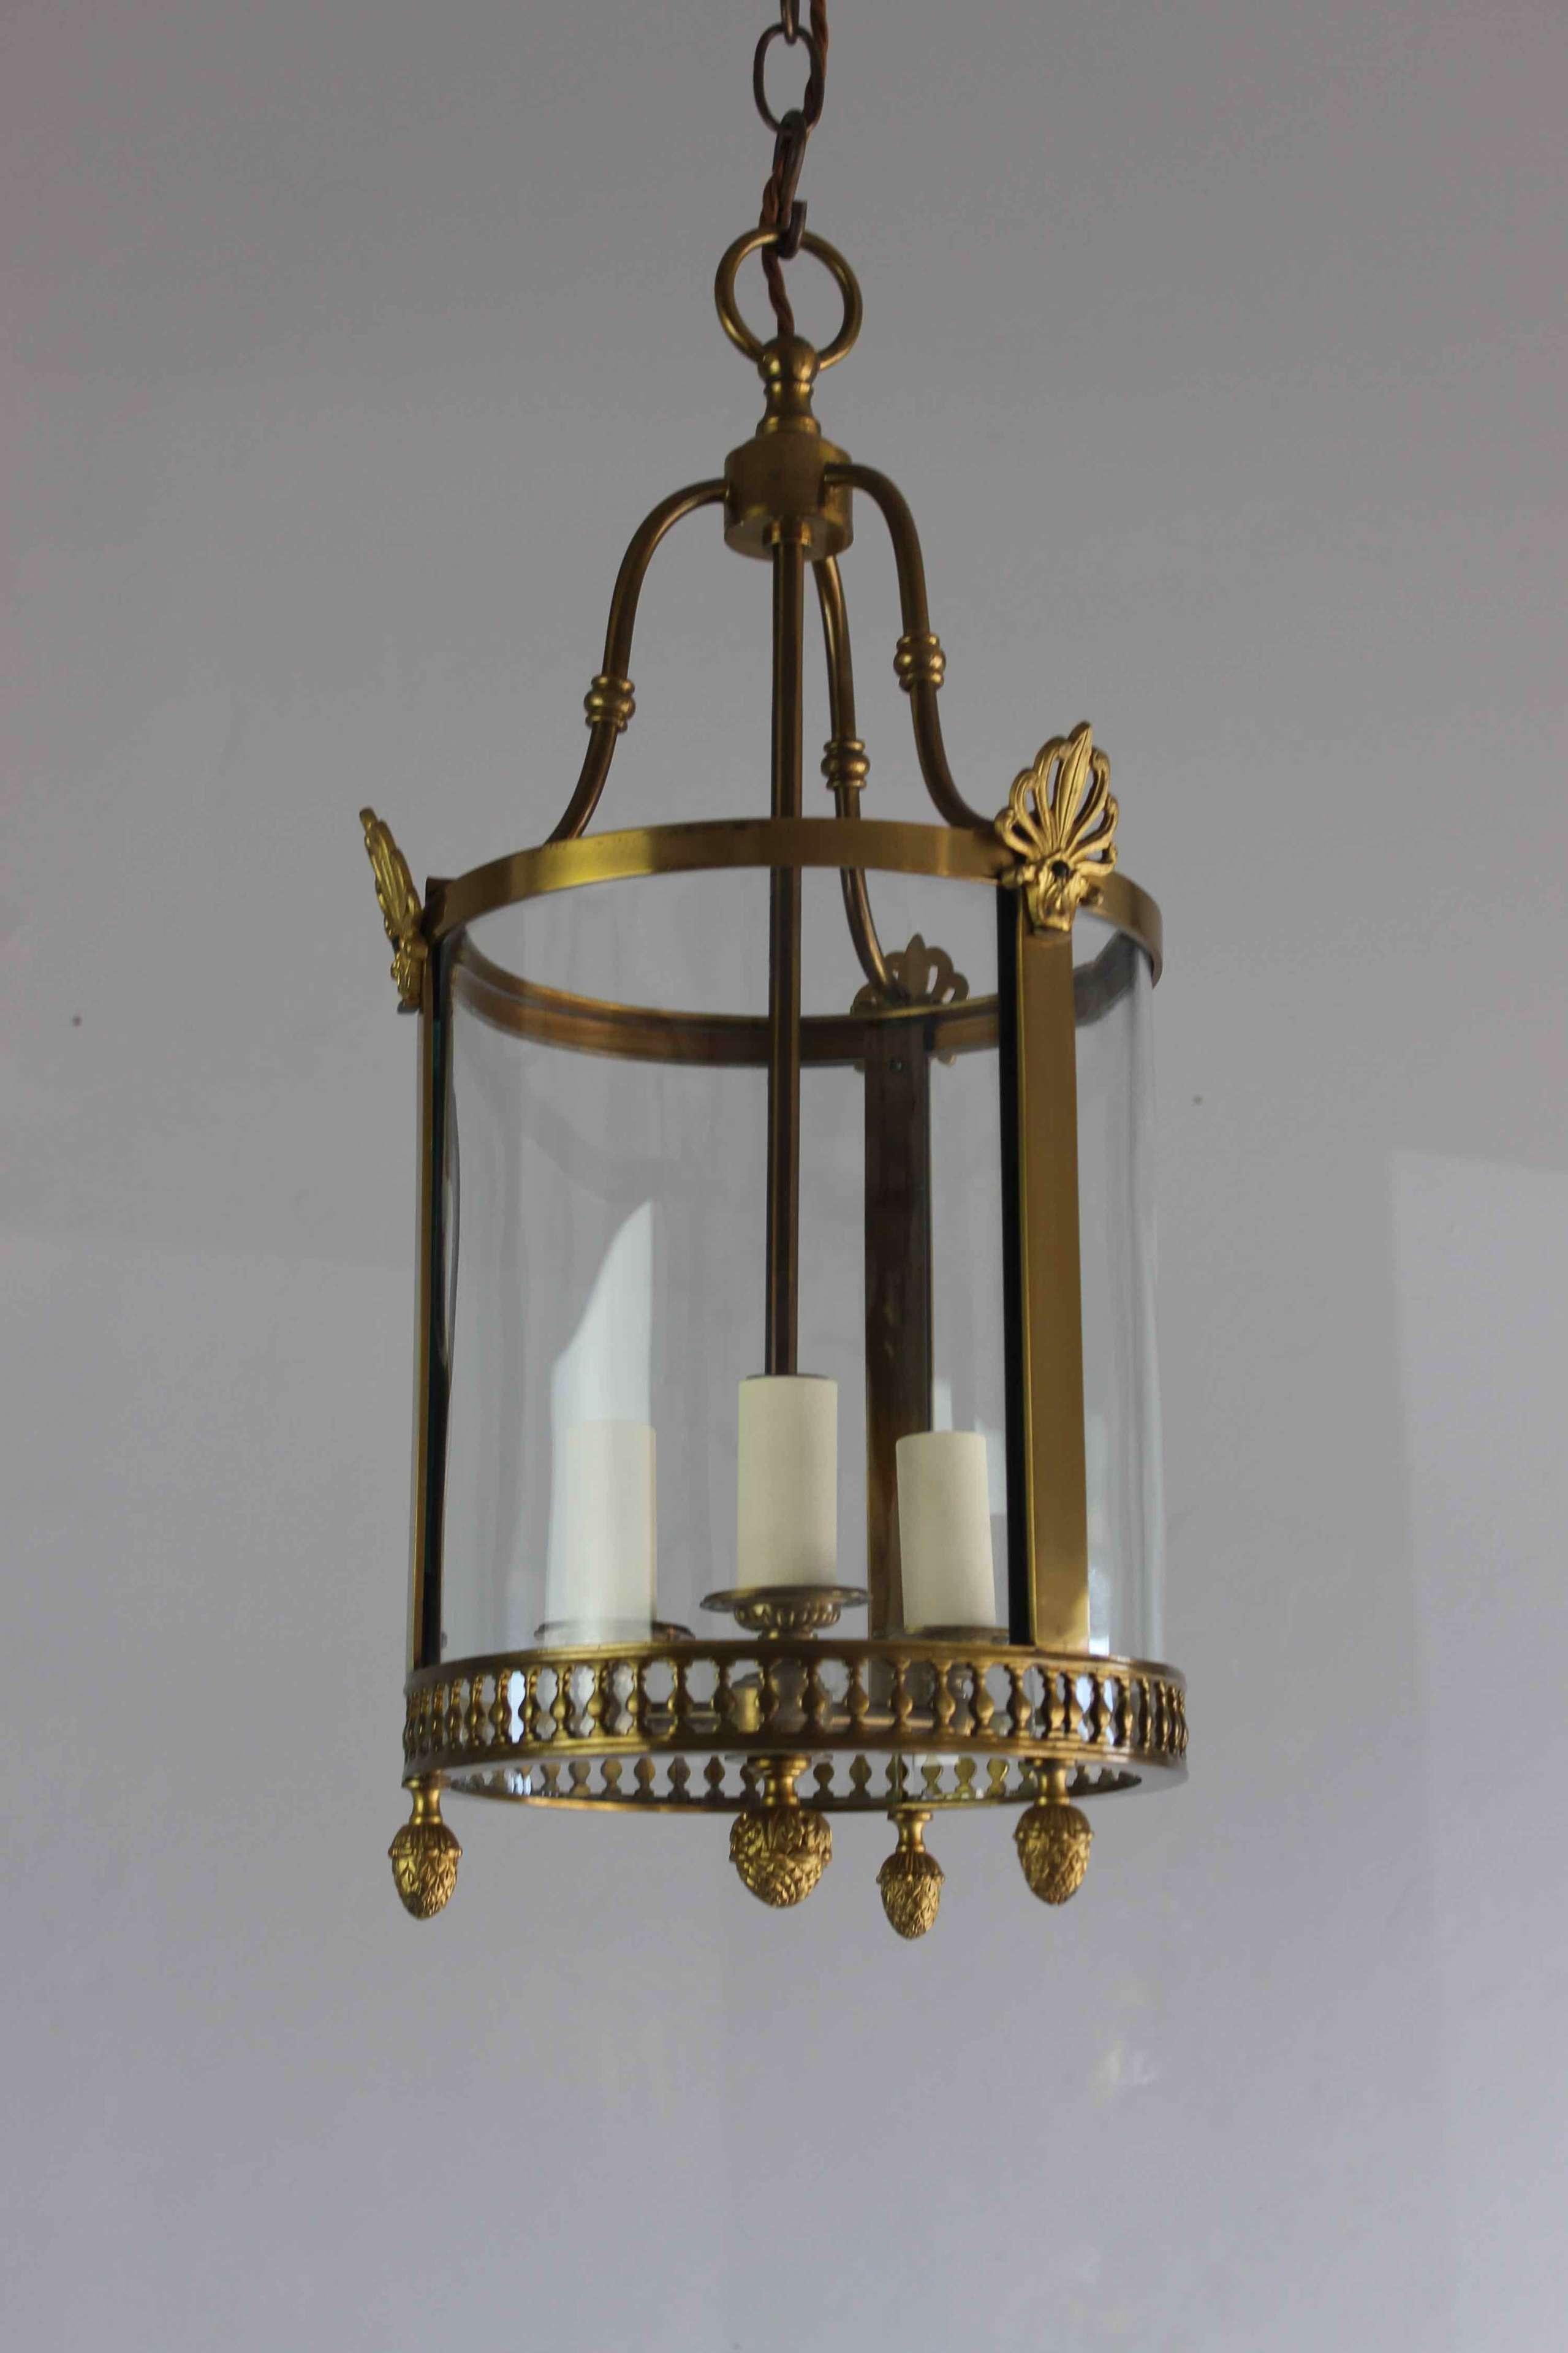 Circular gilded brass hall lantern